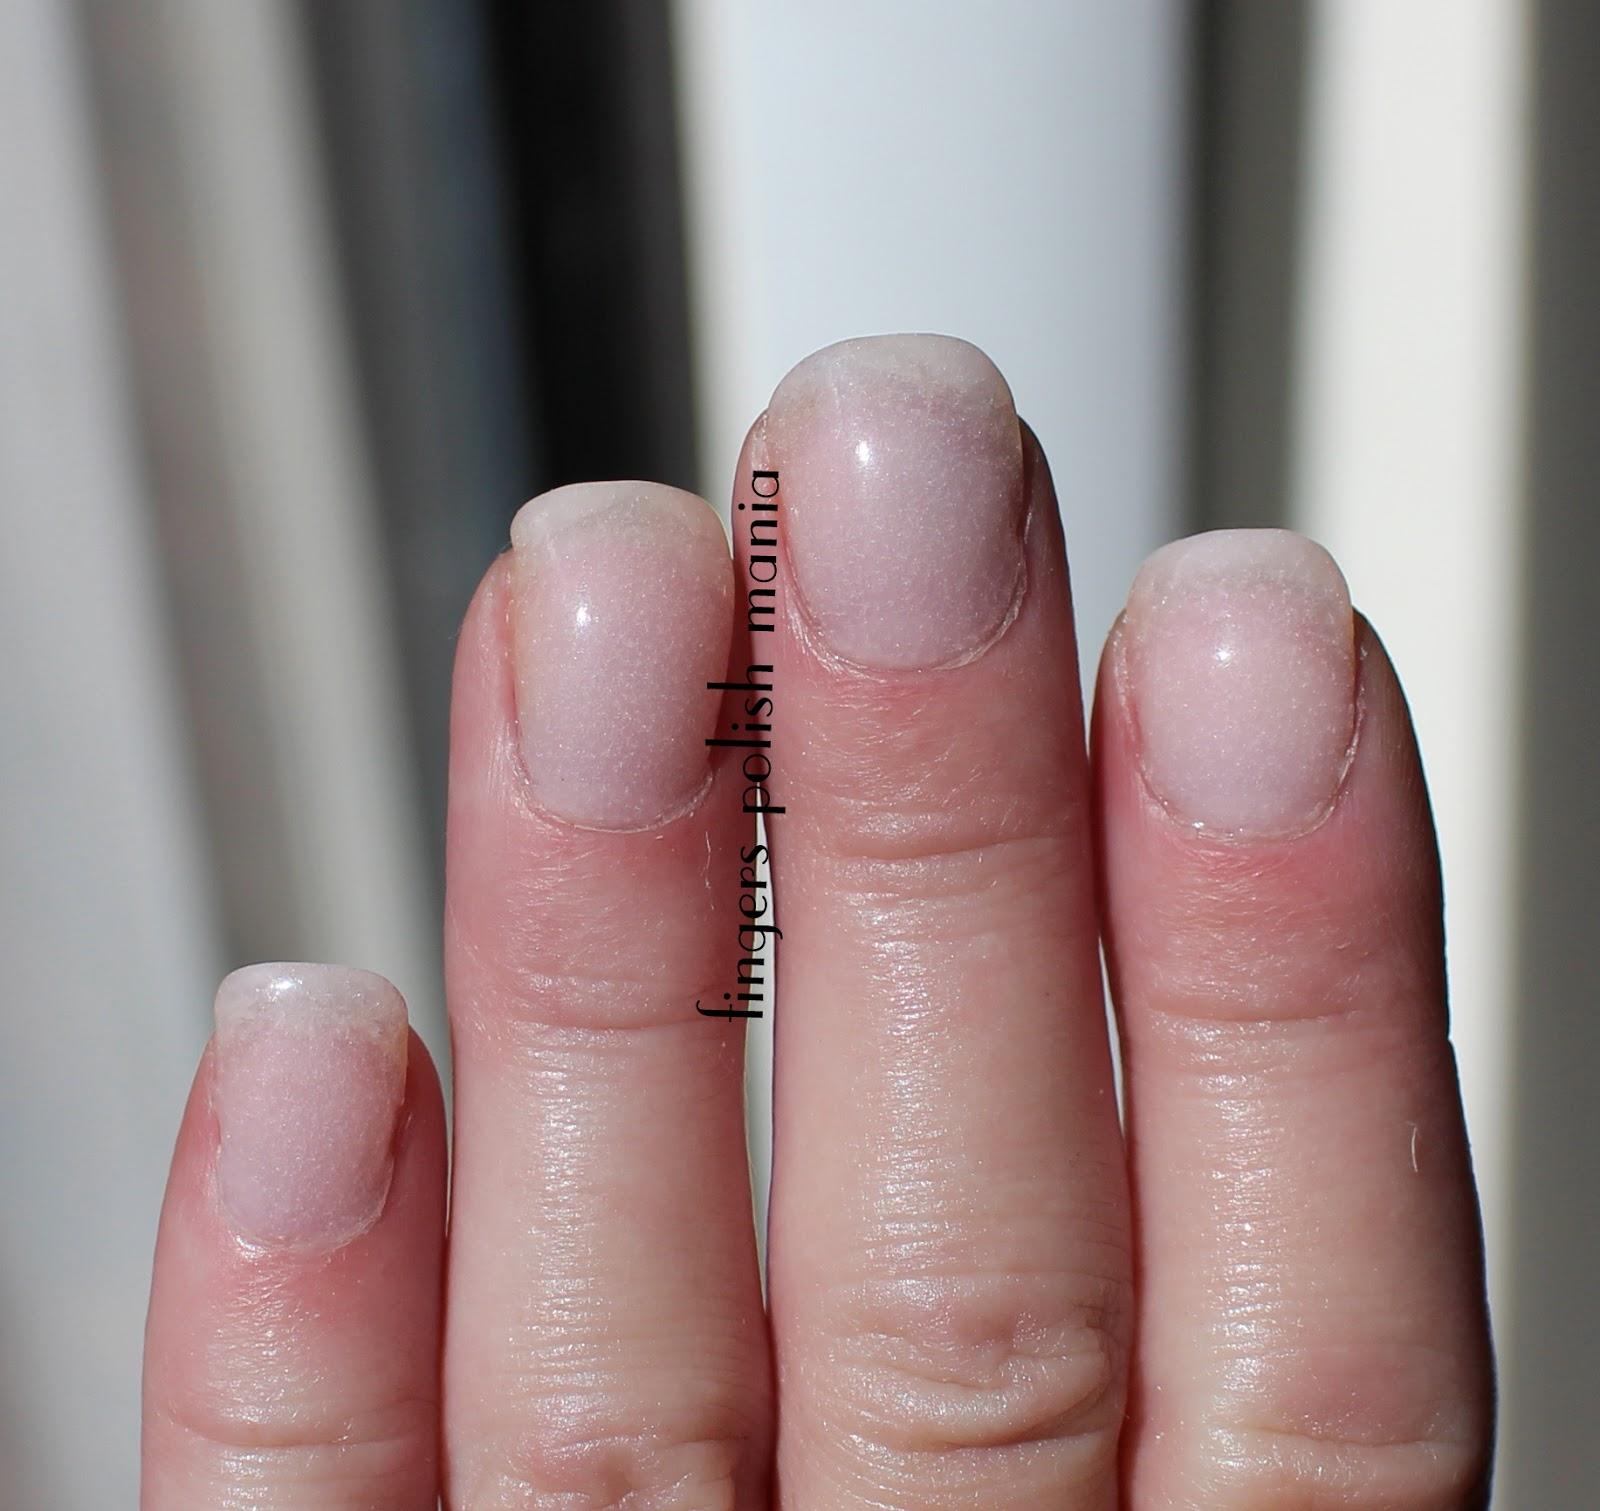 fingers polish mania: September 2016